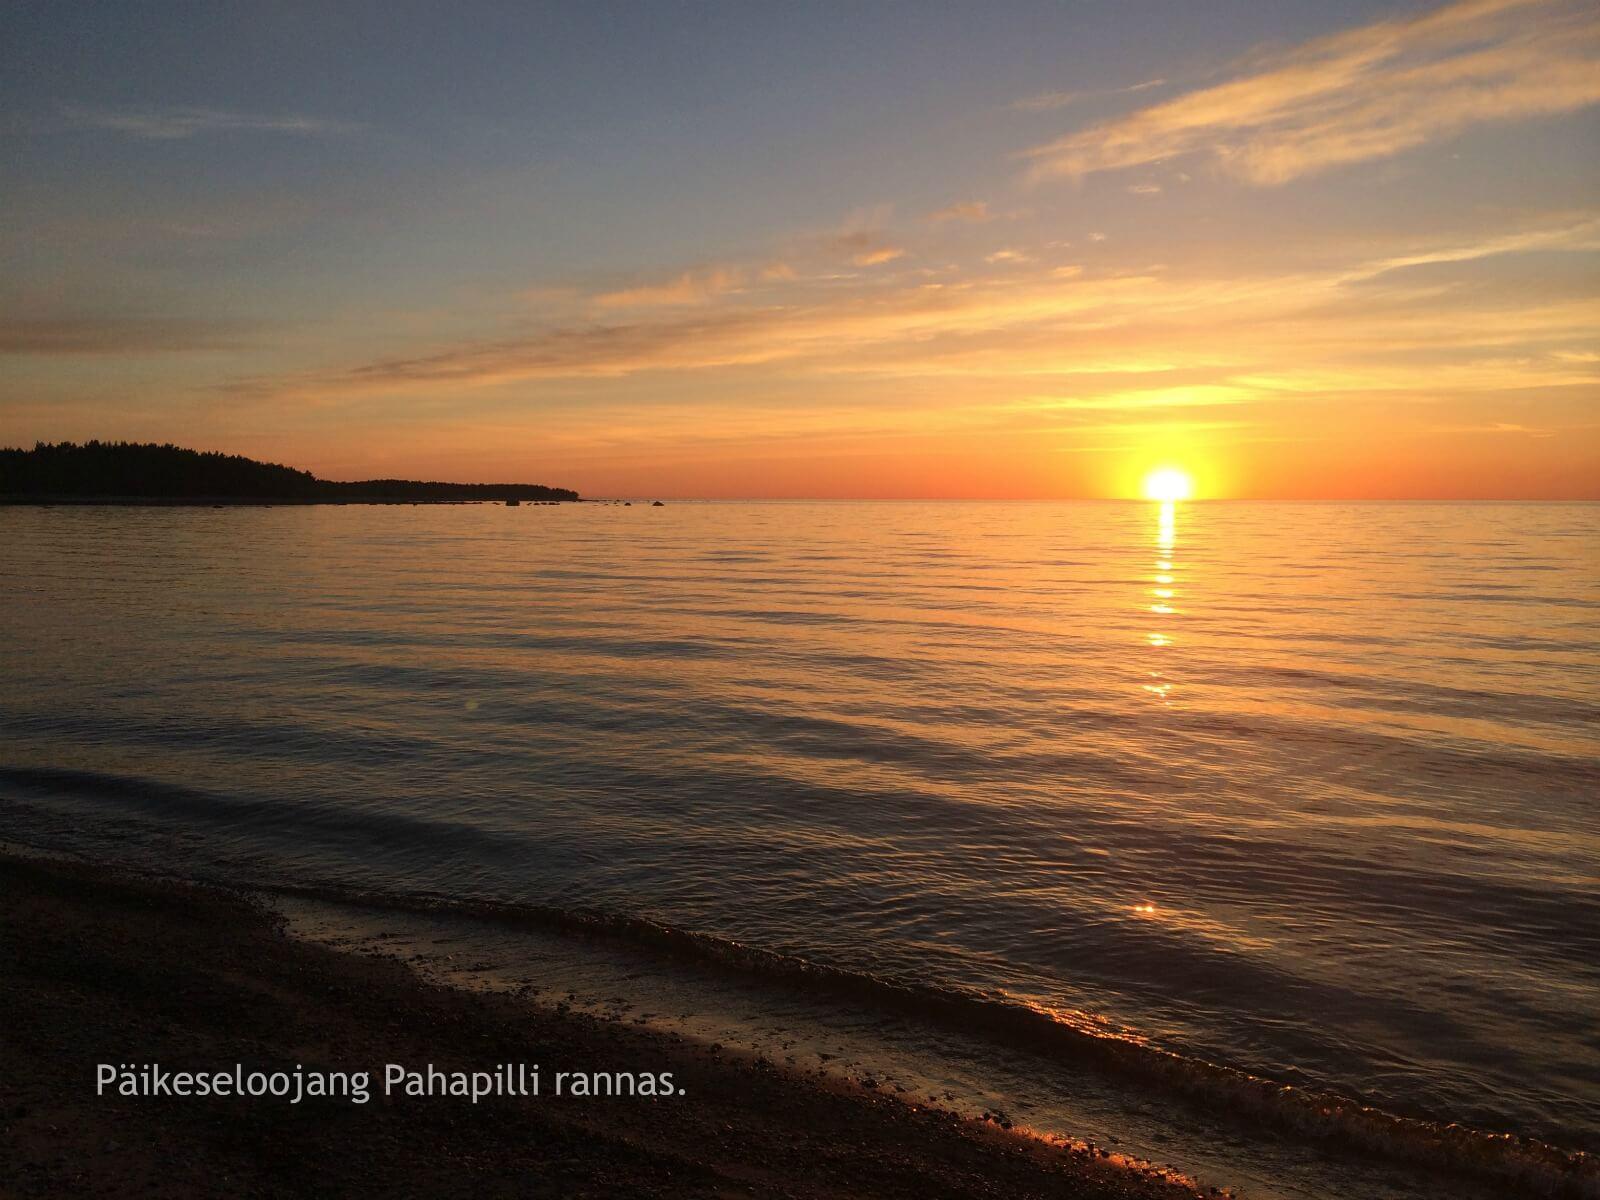 päikeseloojang-pahapilli-rannas-saaremaal